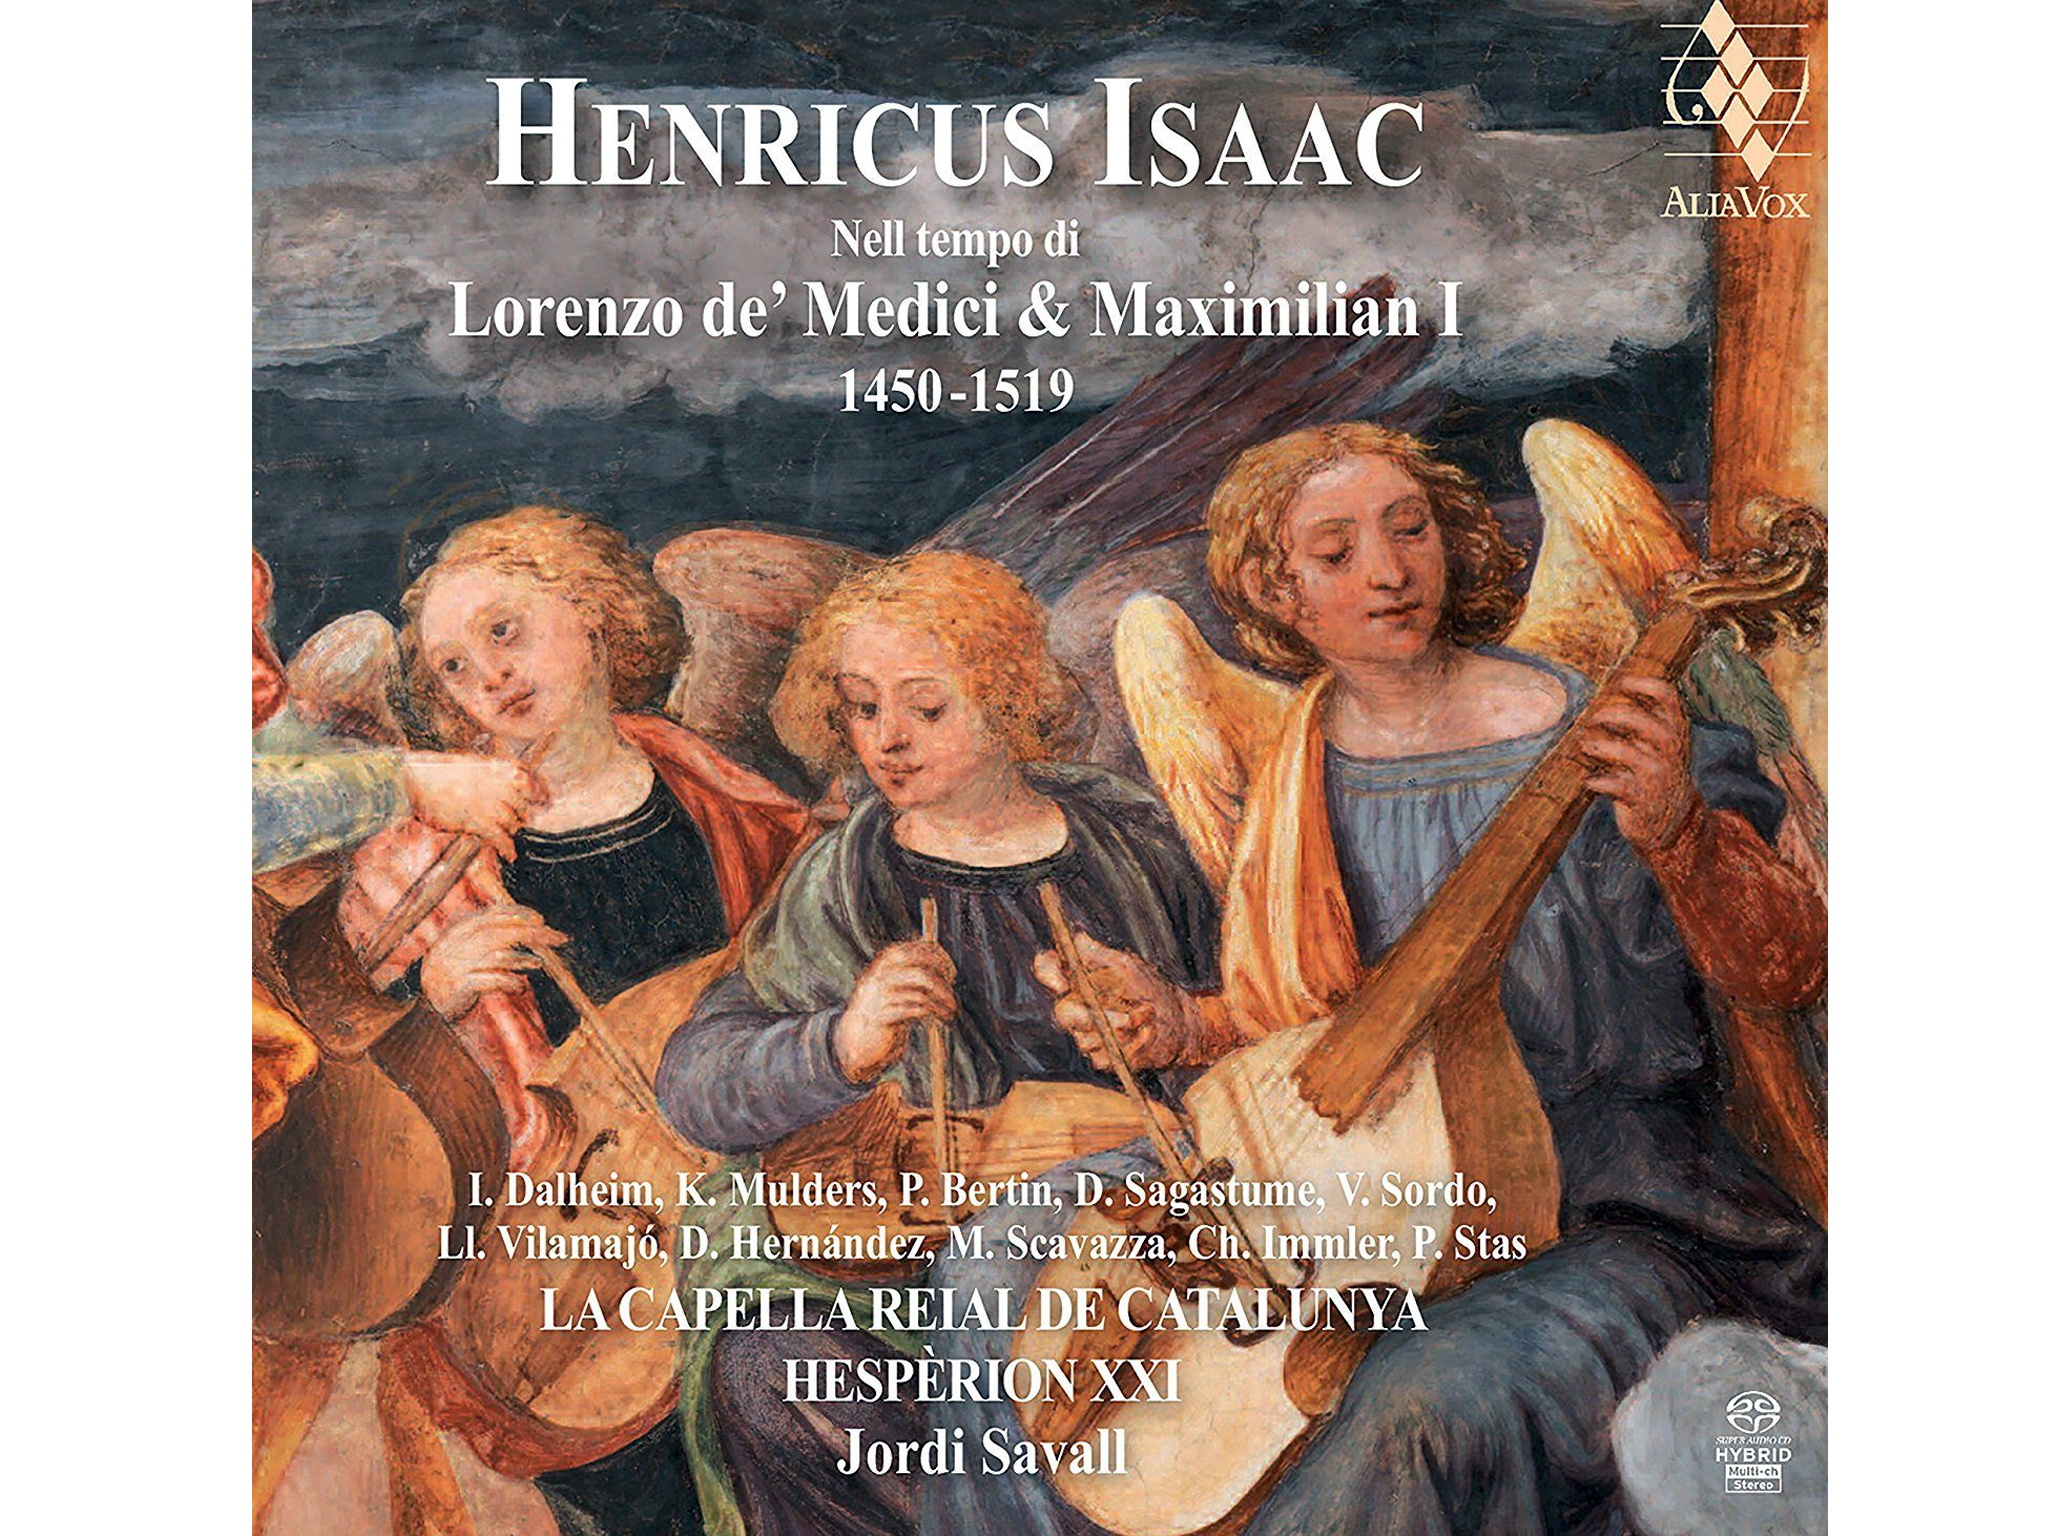 Henricus Isaac - Jordi Savall